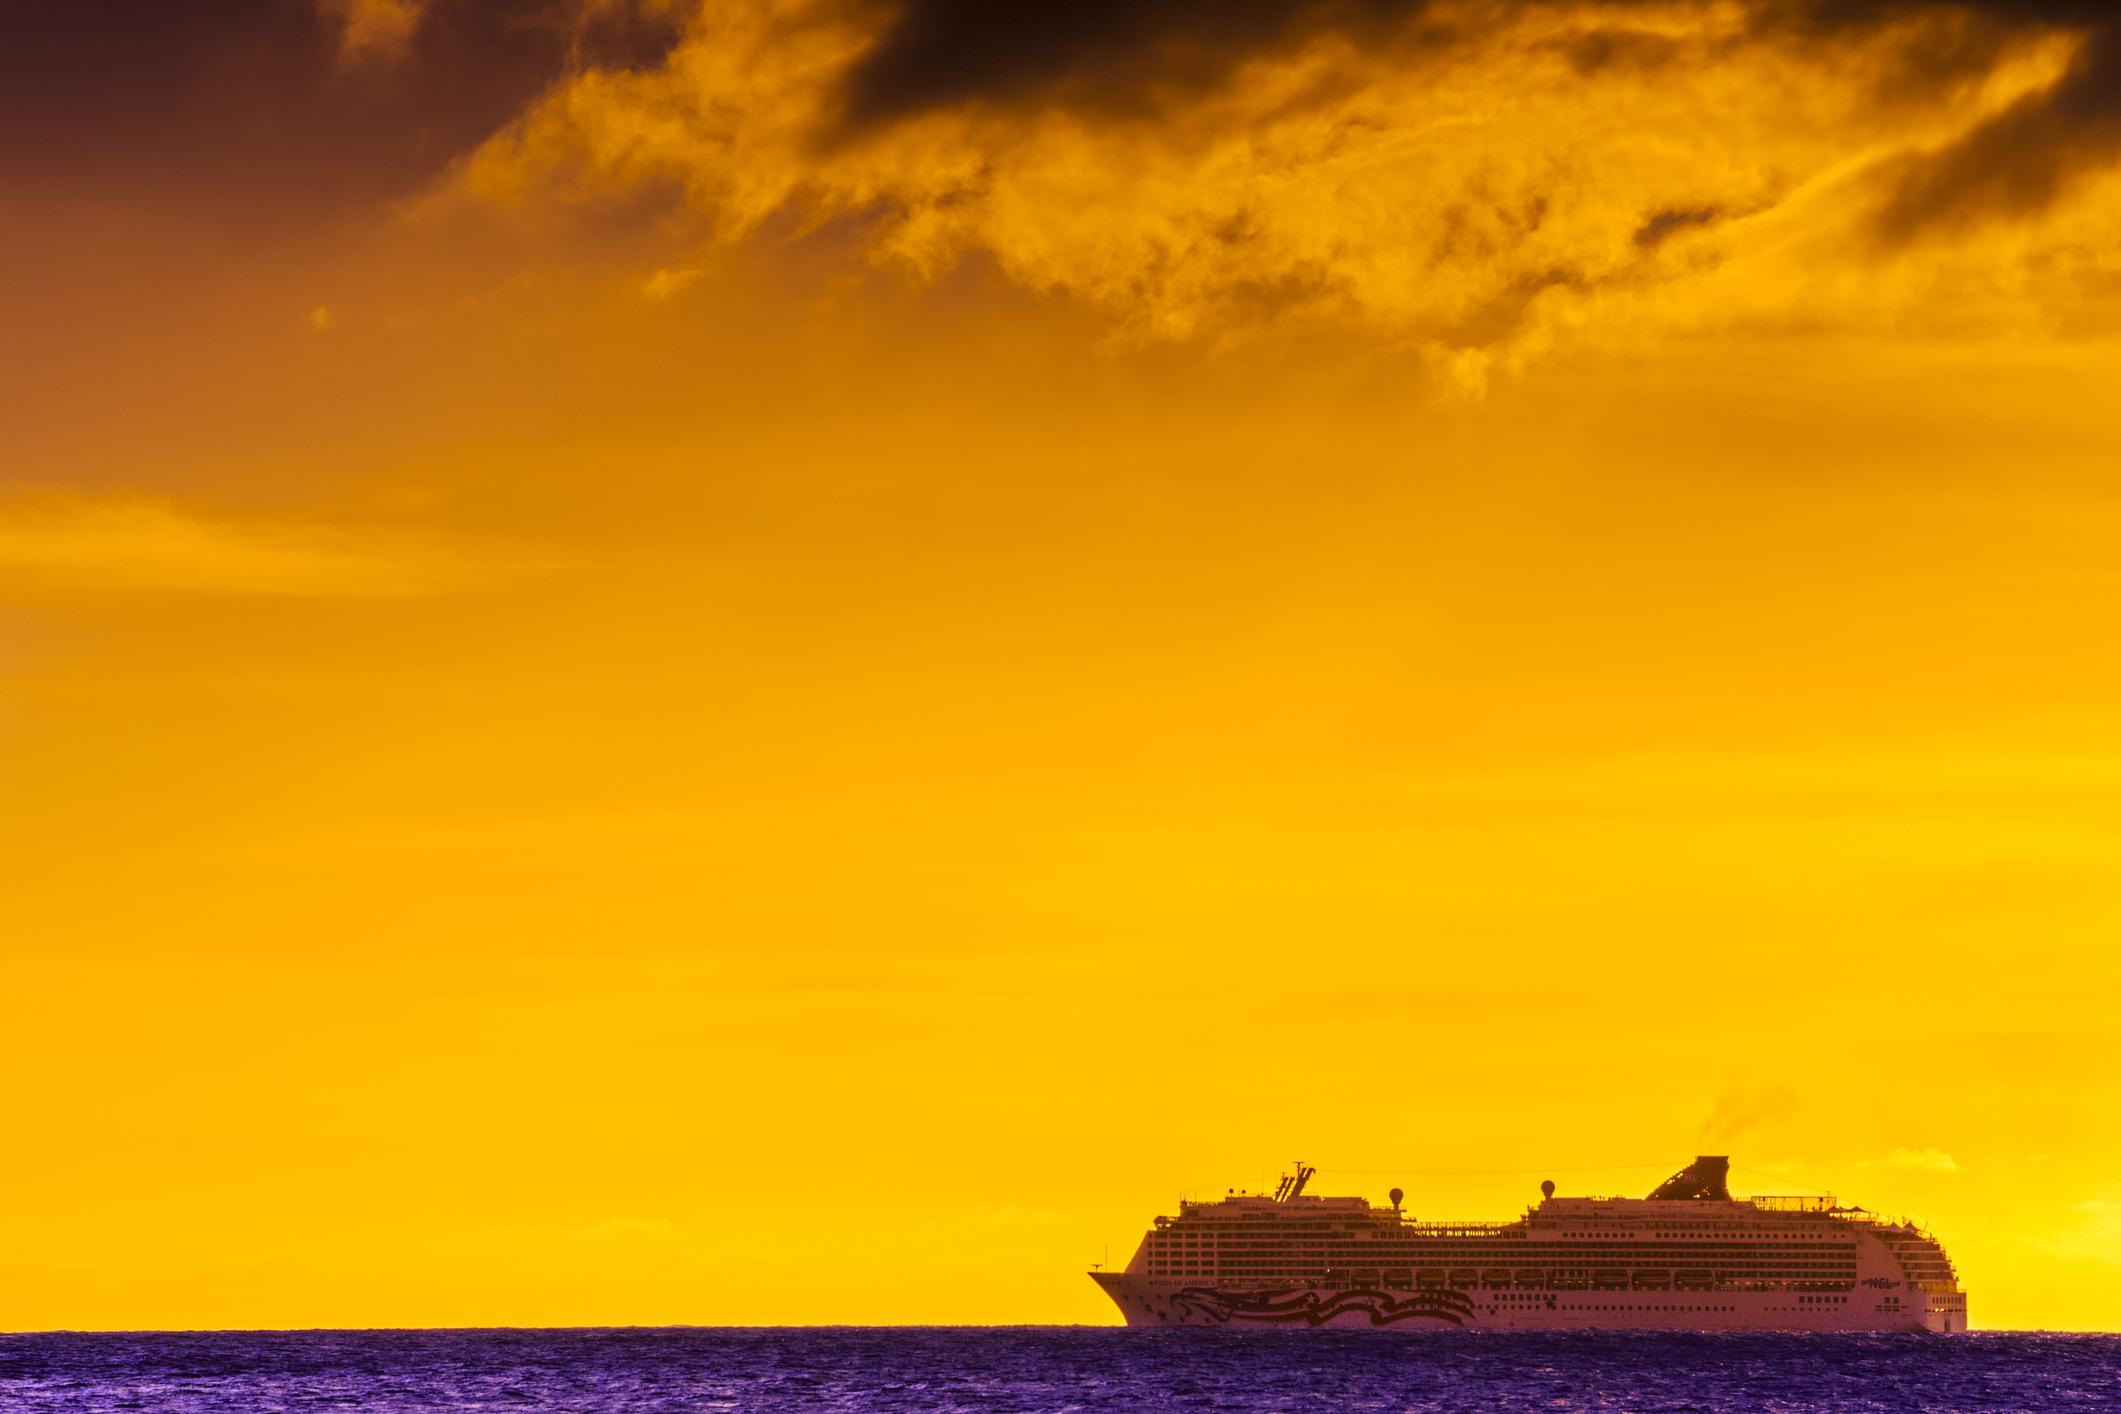 Island-of-Kauai-in-Hawaii-1131528392_2125x1416.jpeg